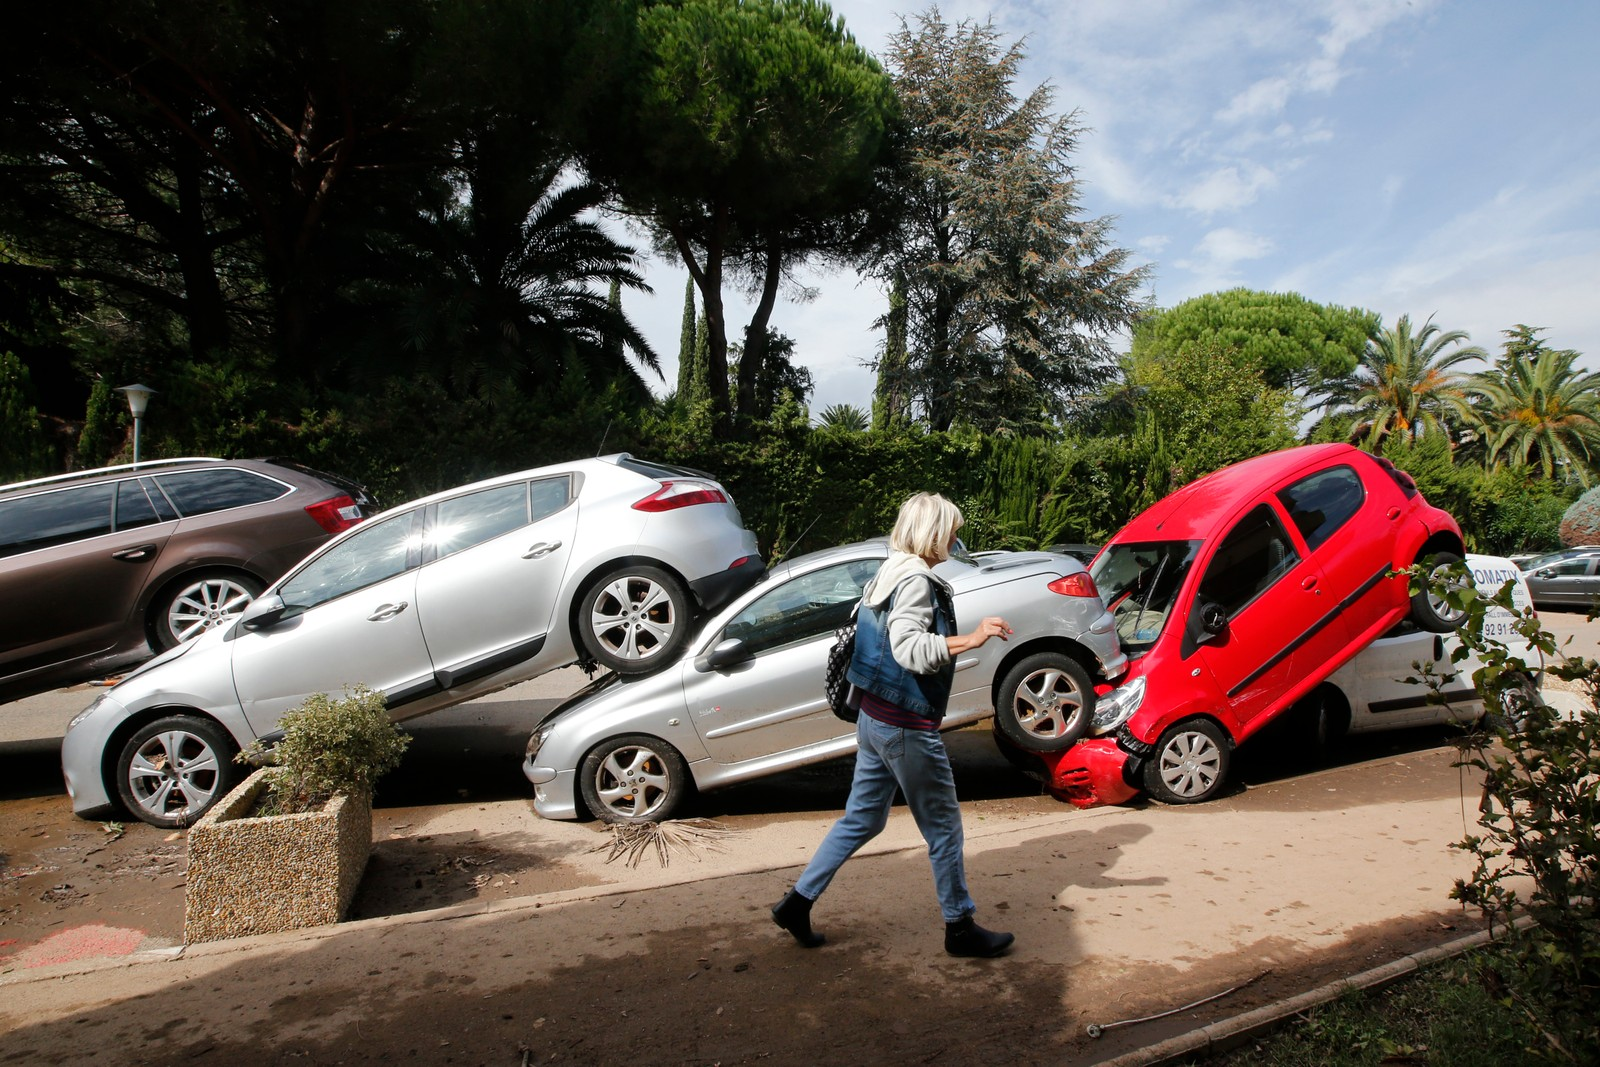 Kraftig uvær med enormt store regnmengder skapte flomkaos i franske Mandelieu-La Napoule denne uka. I Cannes-regionen kom det over 170 mm nedbør i løpet av to timer. Minst 16 mennesker har mistet livet i forbindelse med uværet i Frankrike.